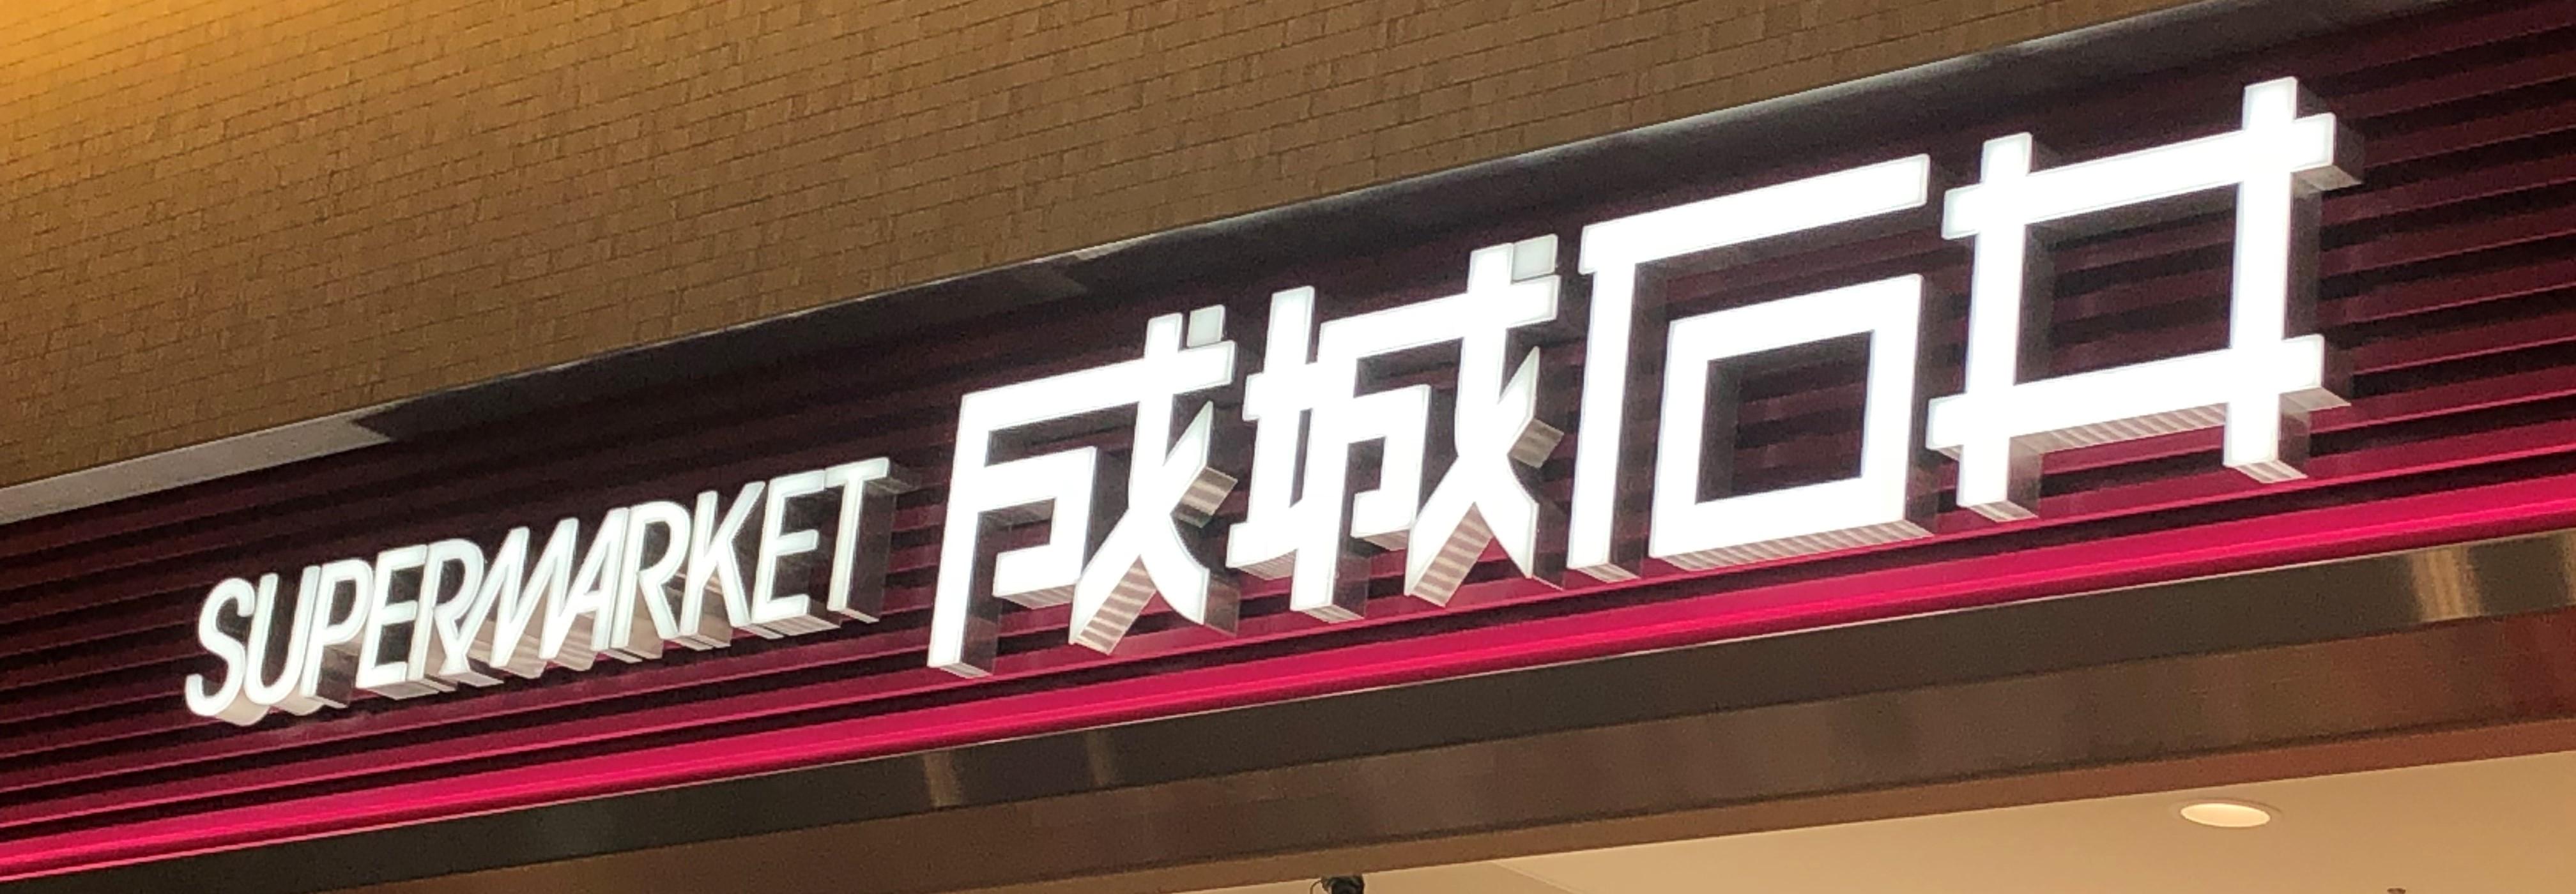 『成城石井』のおすすめスイーツ5選【2019】♡ 新作「バスクチーズケーキ」や、人気の「モーモーチャーチャー」ほか_1